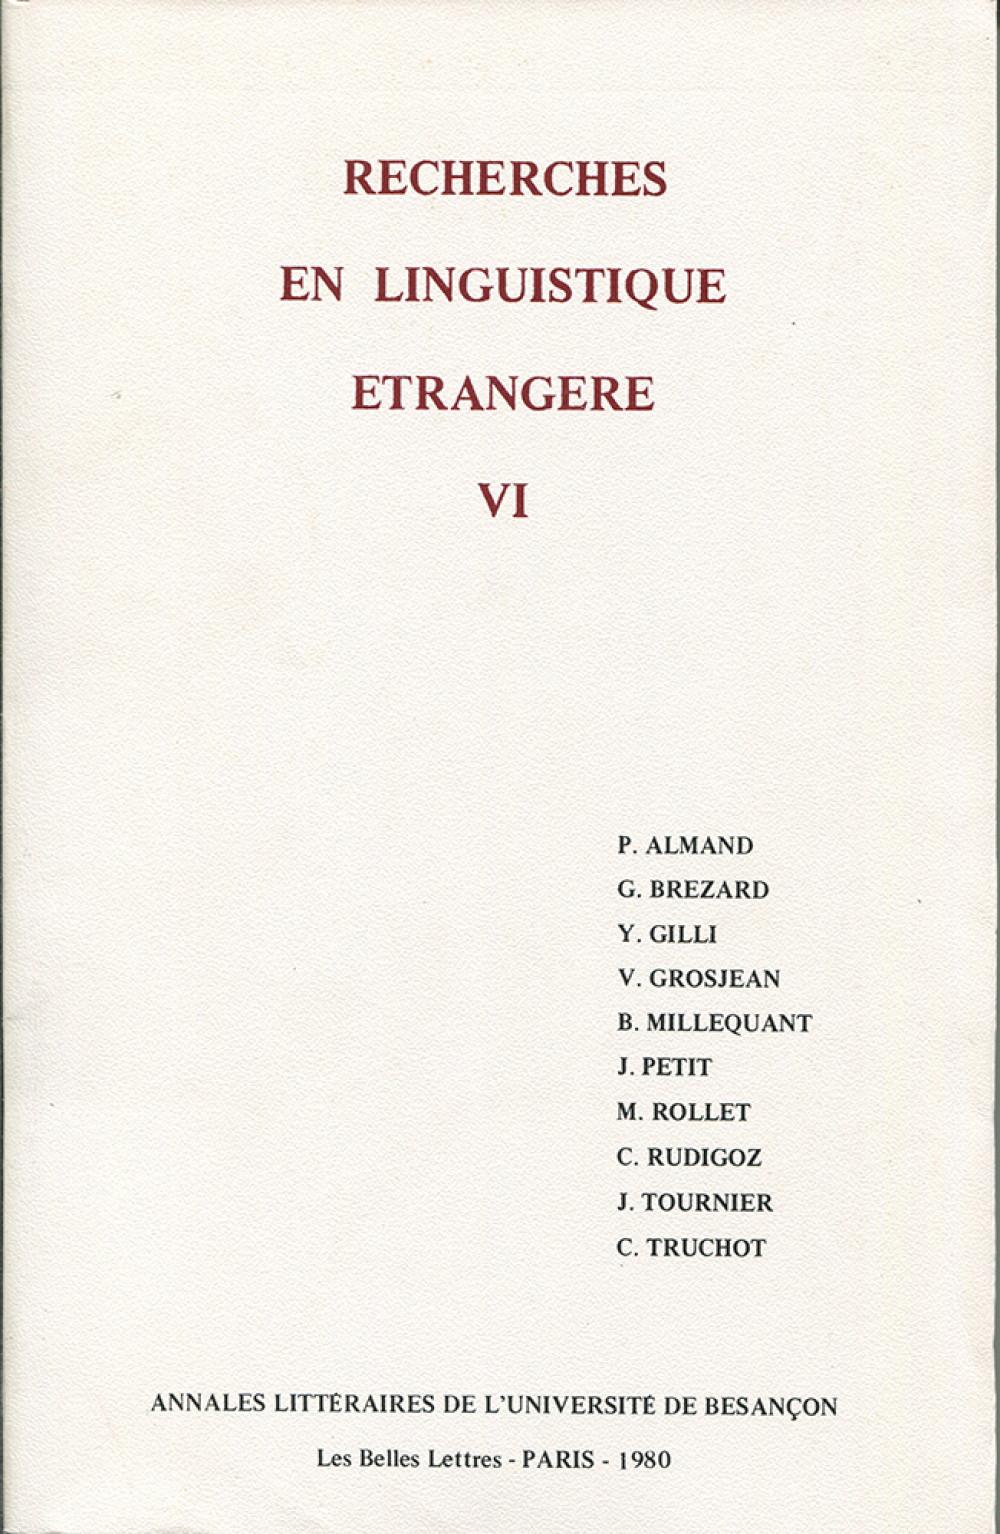 Recherches en linguistique étrangère VI